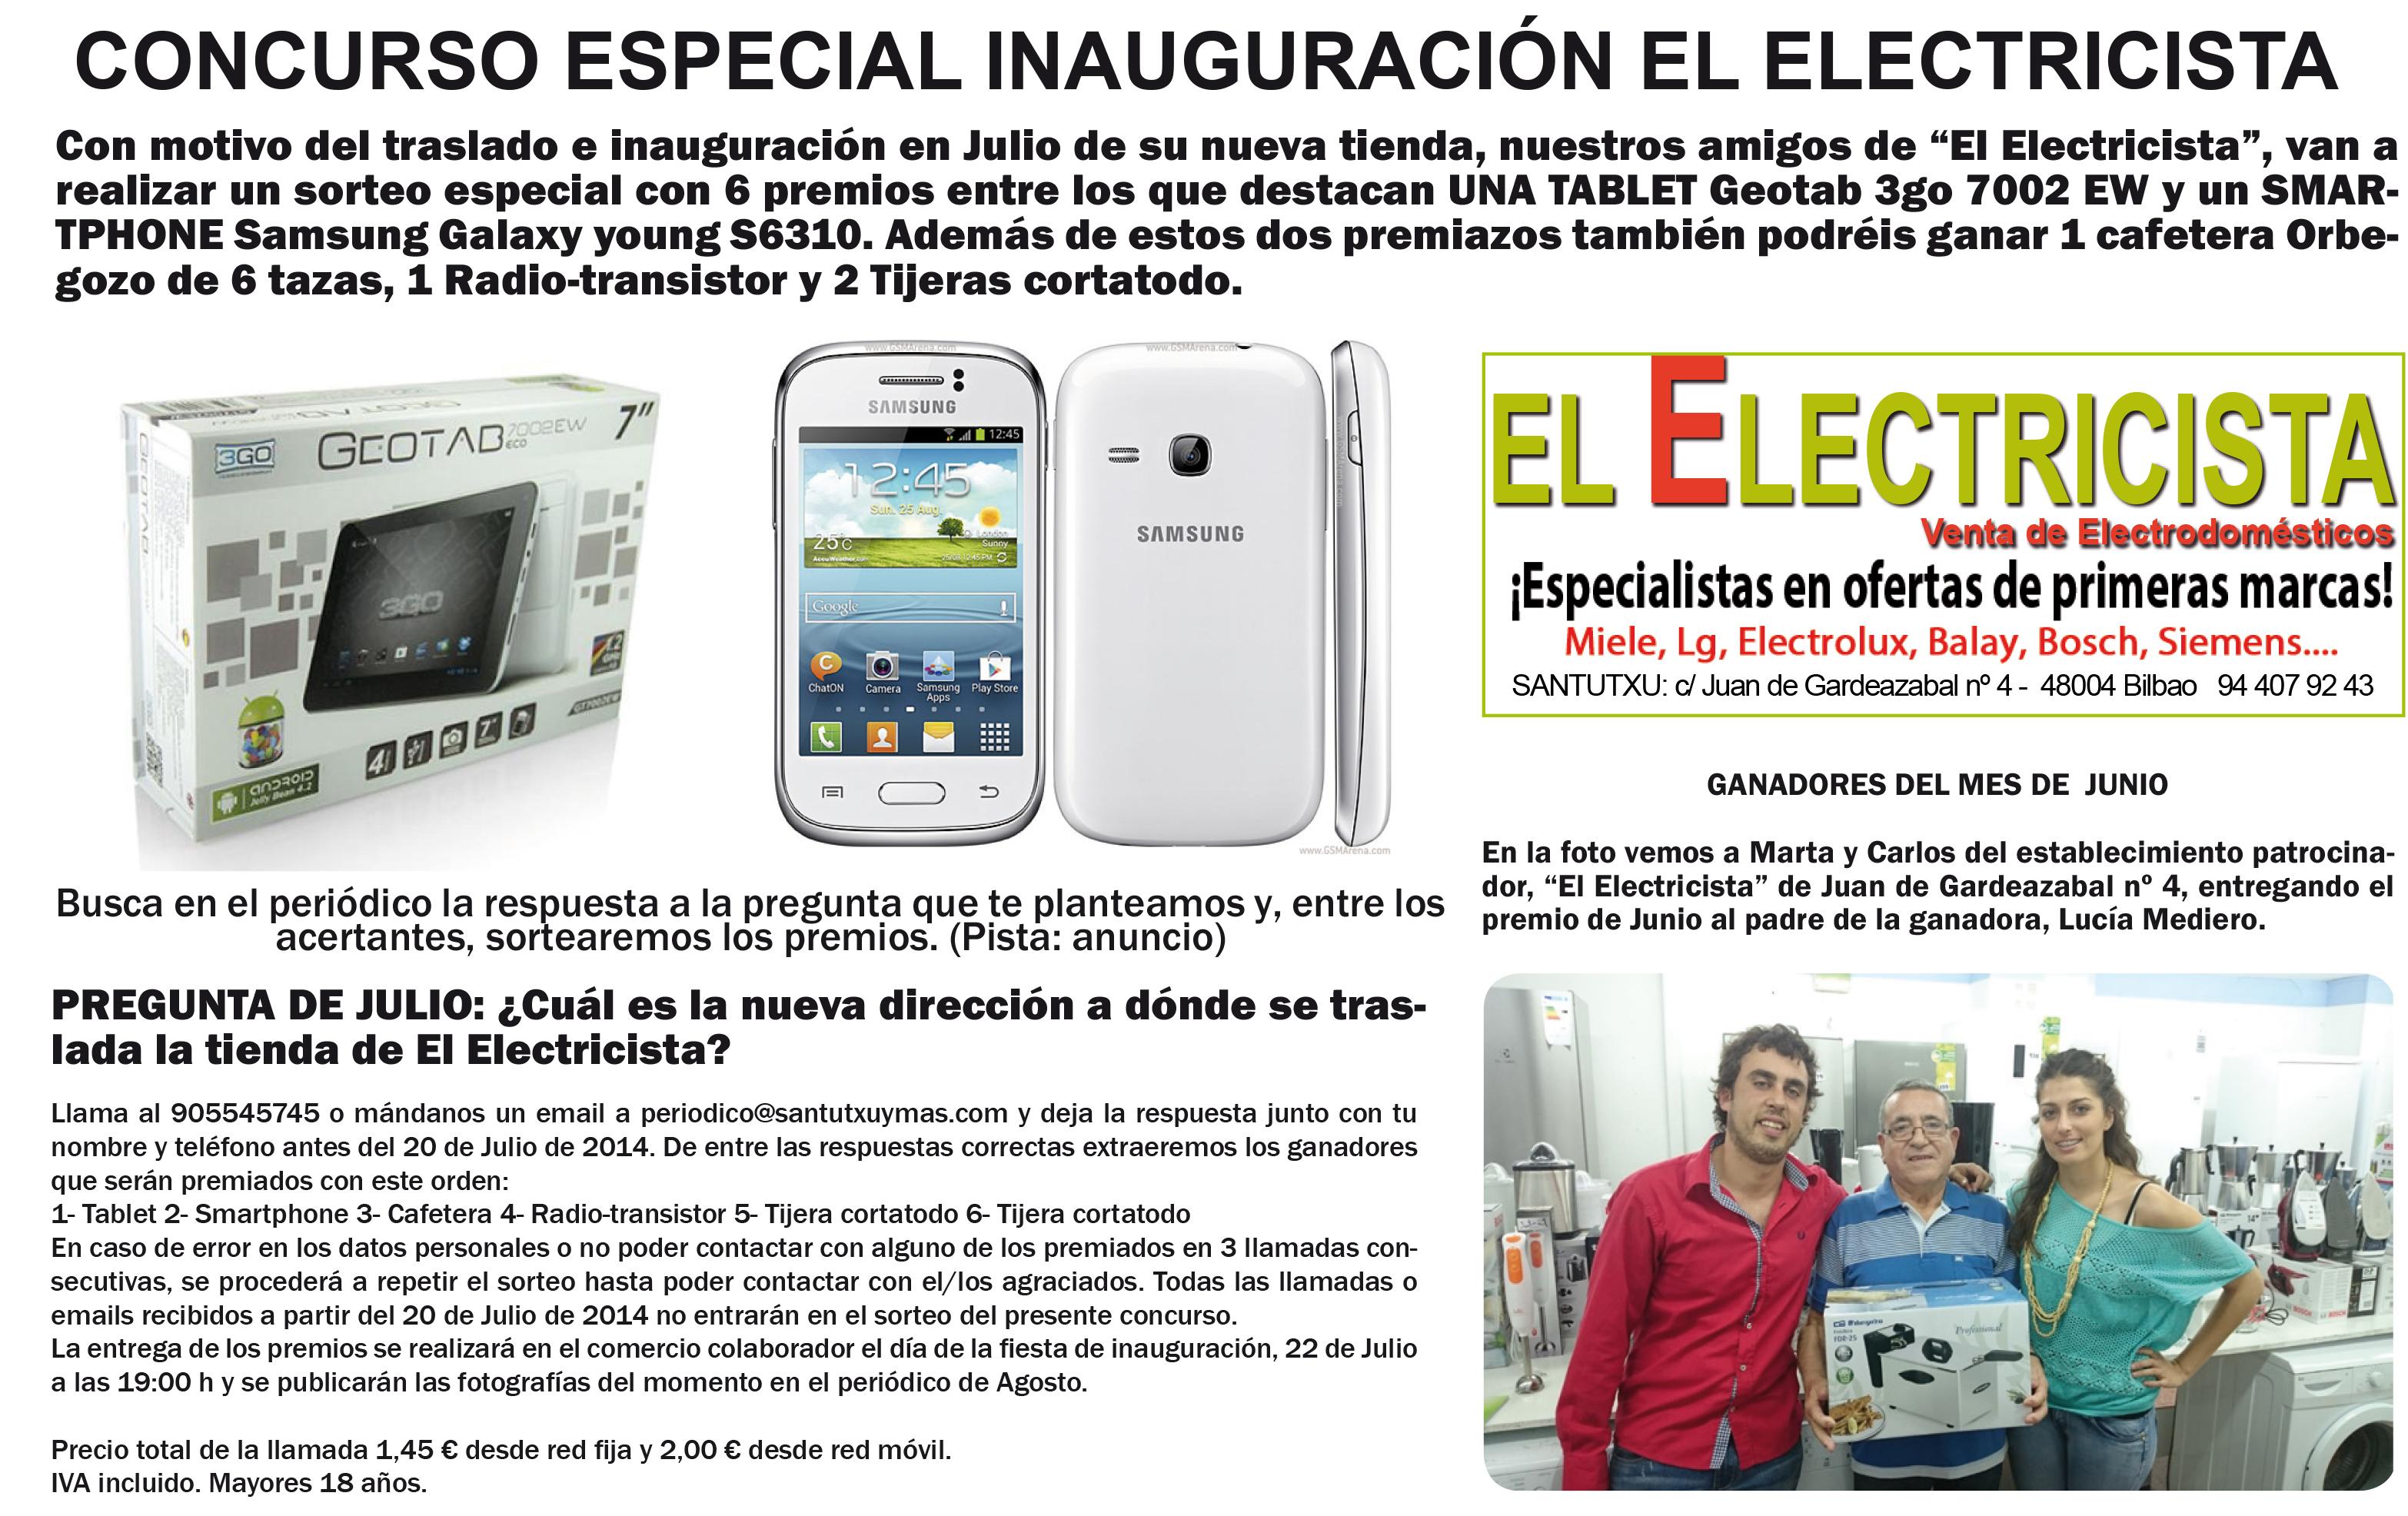 periodico juLio.indd